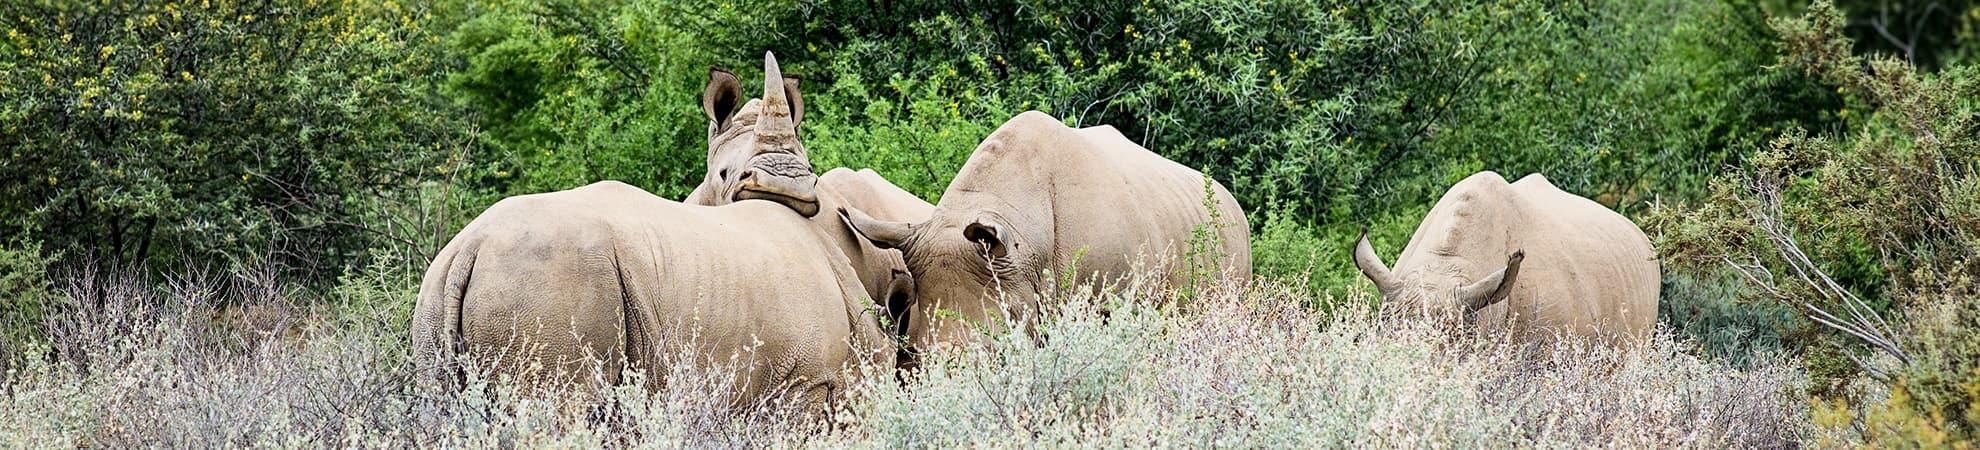 Voyage Mthethomusha Game Reserve